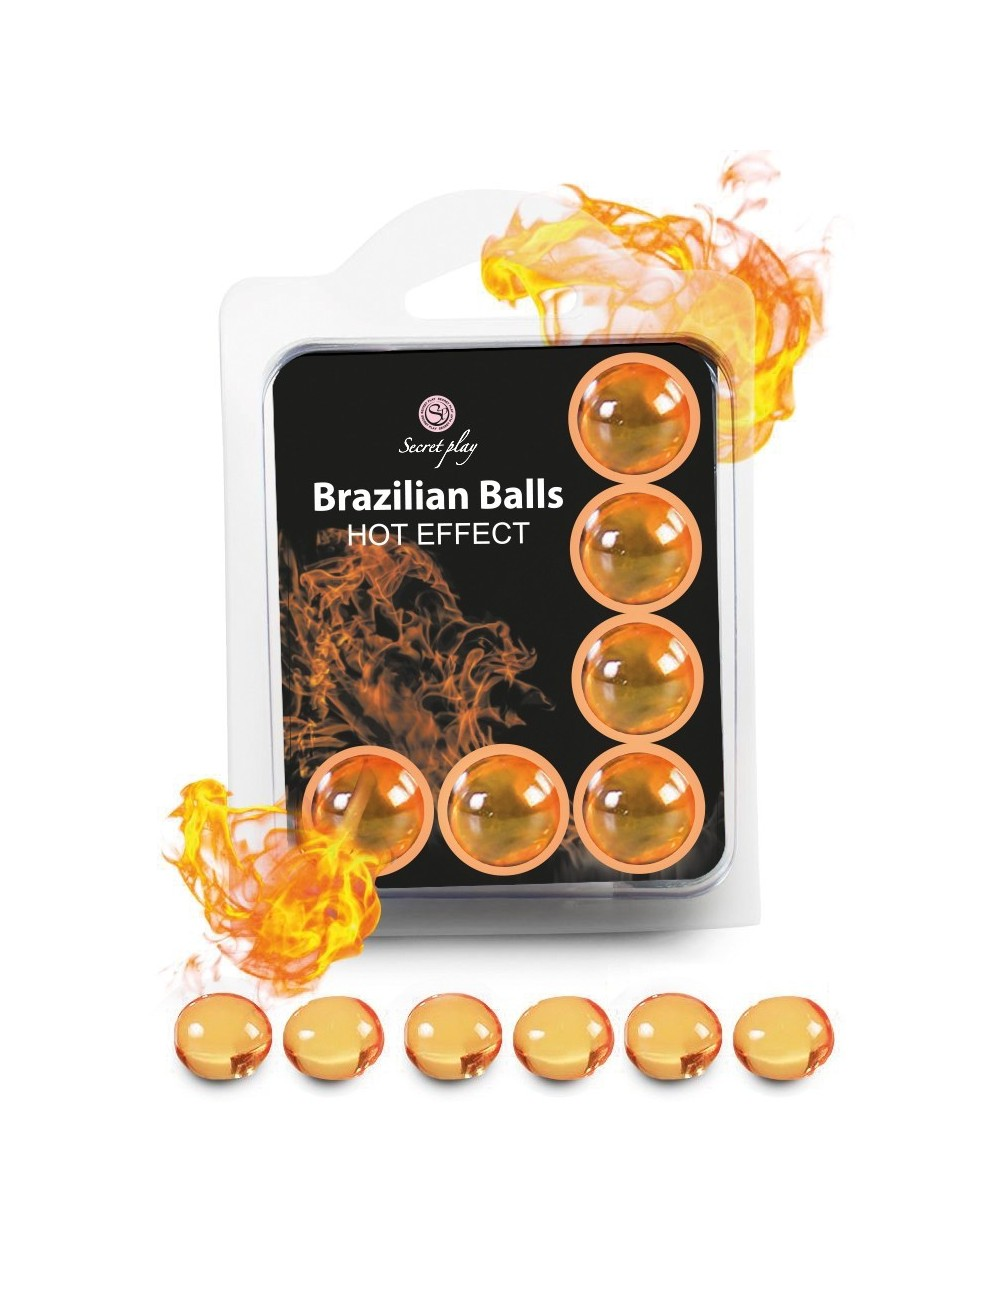 6 Brazilian Balls Hot Effect 3575-1 - Huiles de massage - Brazilian Balls